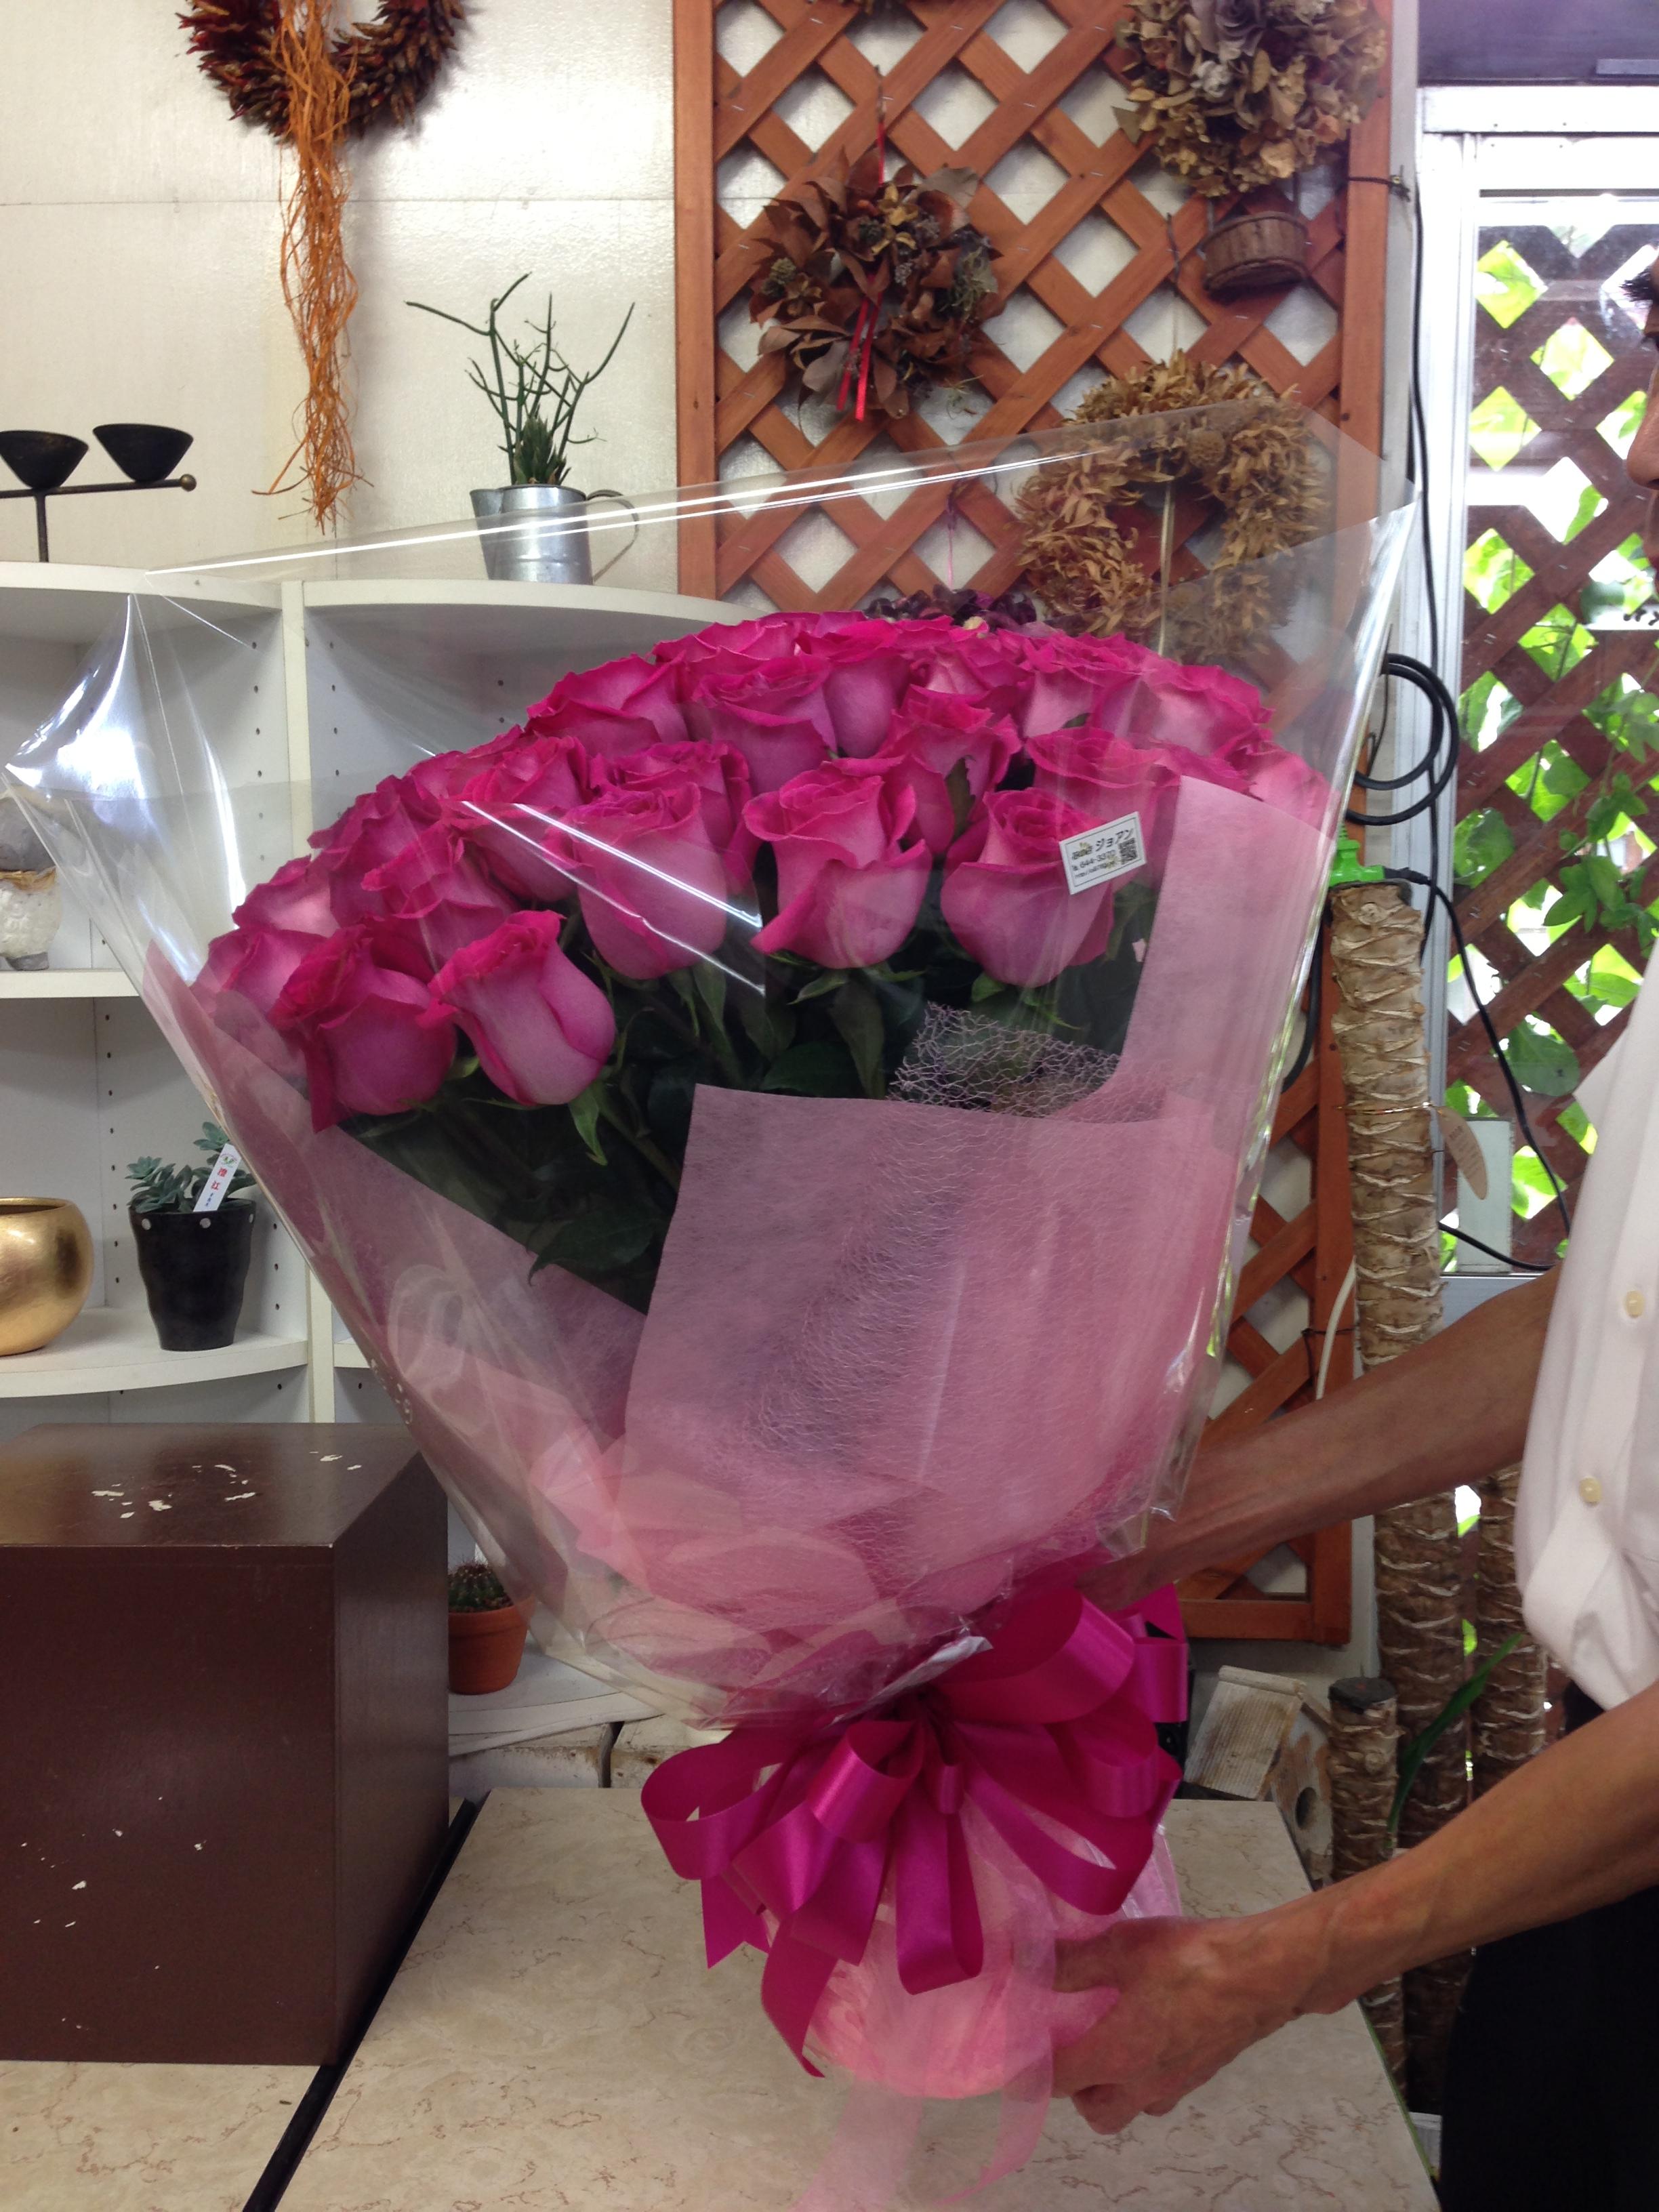 お誕生日のお祝いに 40本のバラの花束